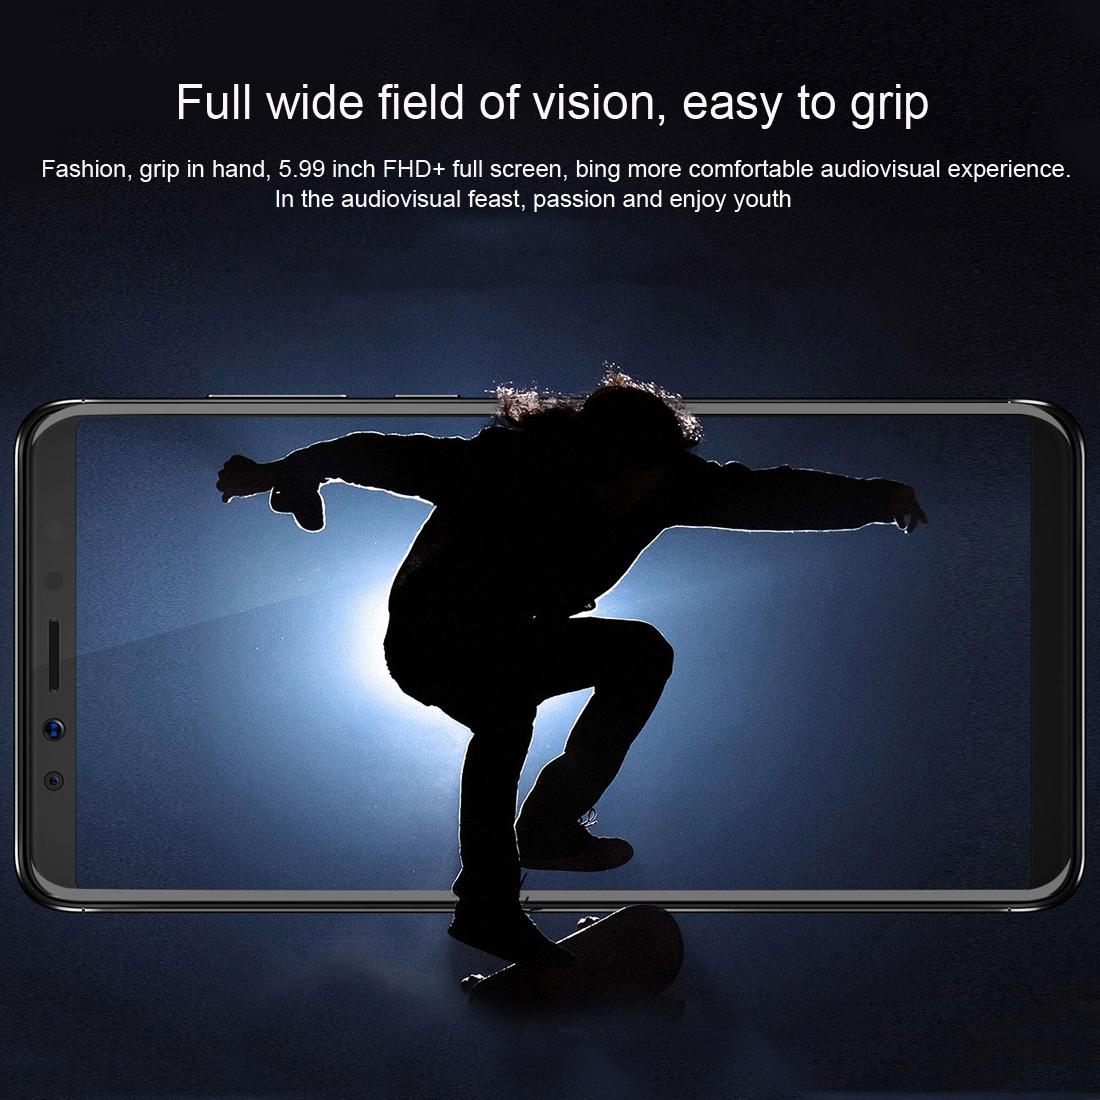 i.ibb.co/BVjXbXn/Smartphone-6-GB-64-GB-Lenovo-K5-Pro-Preto-16.jpg